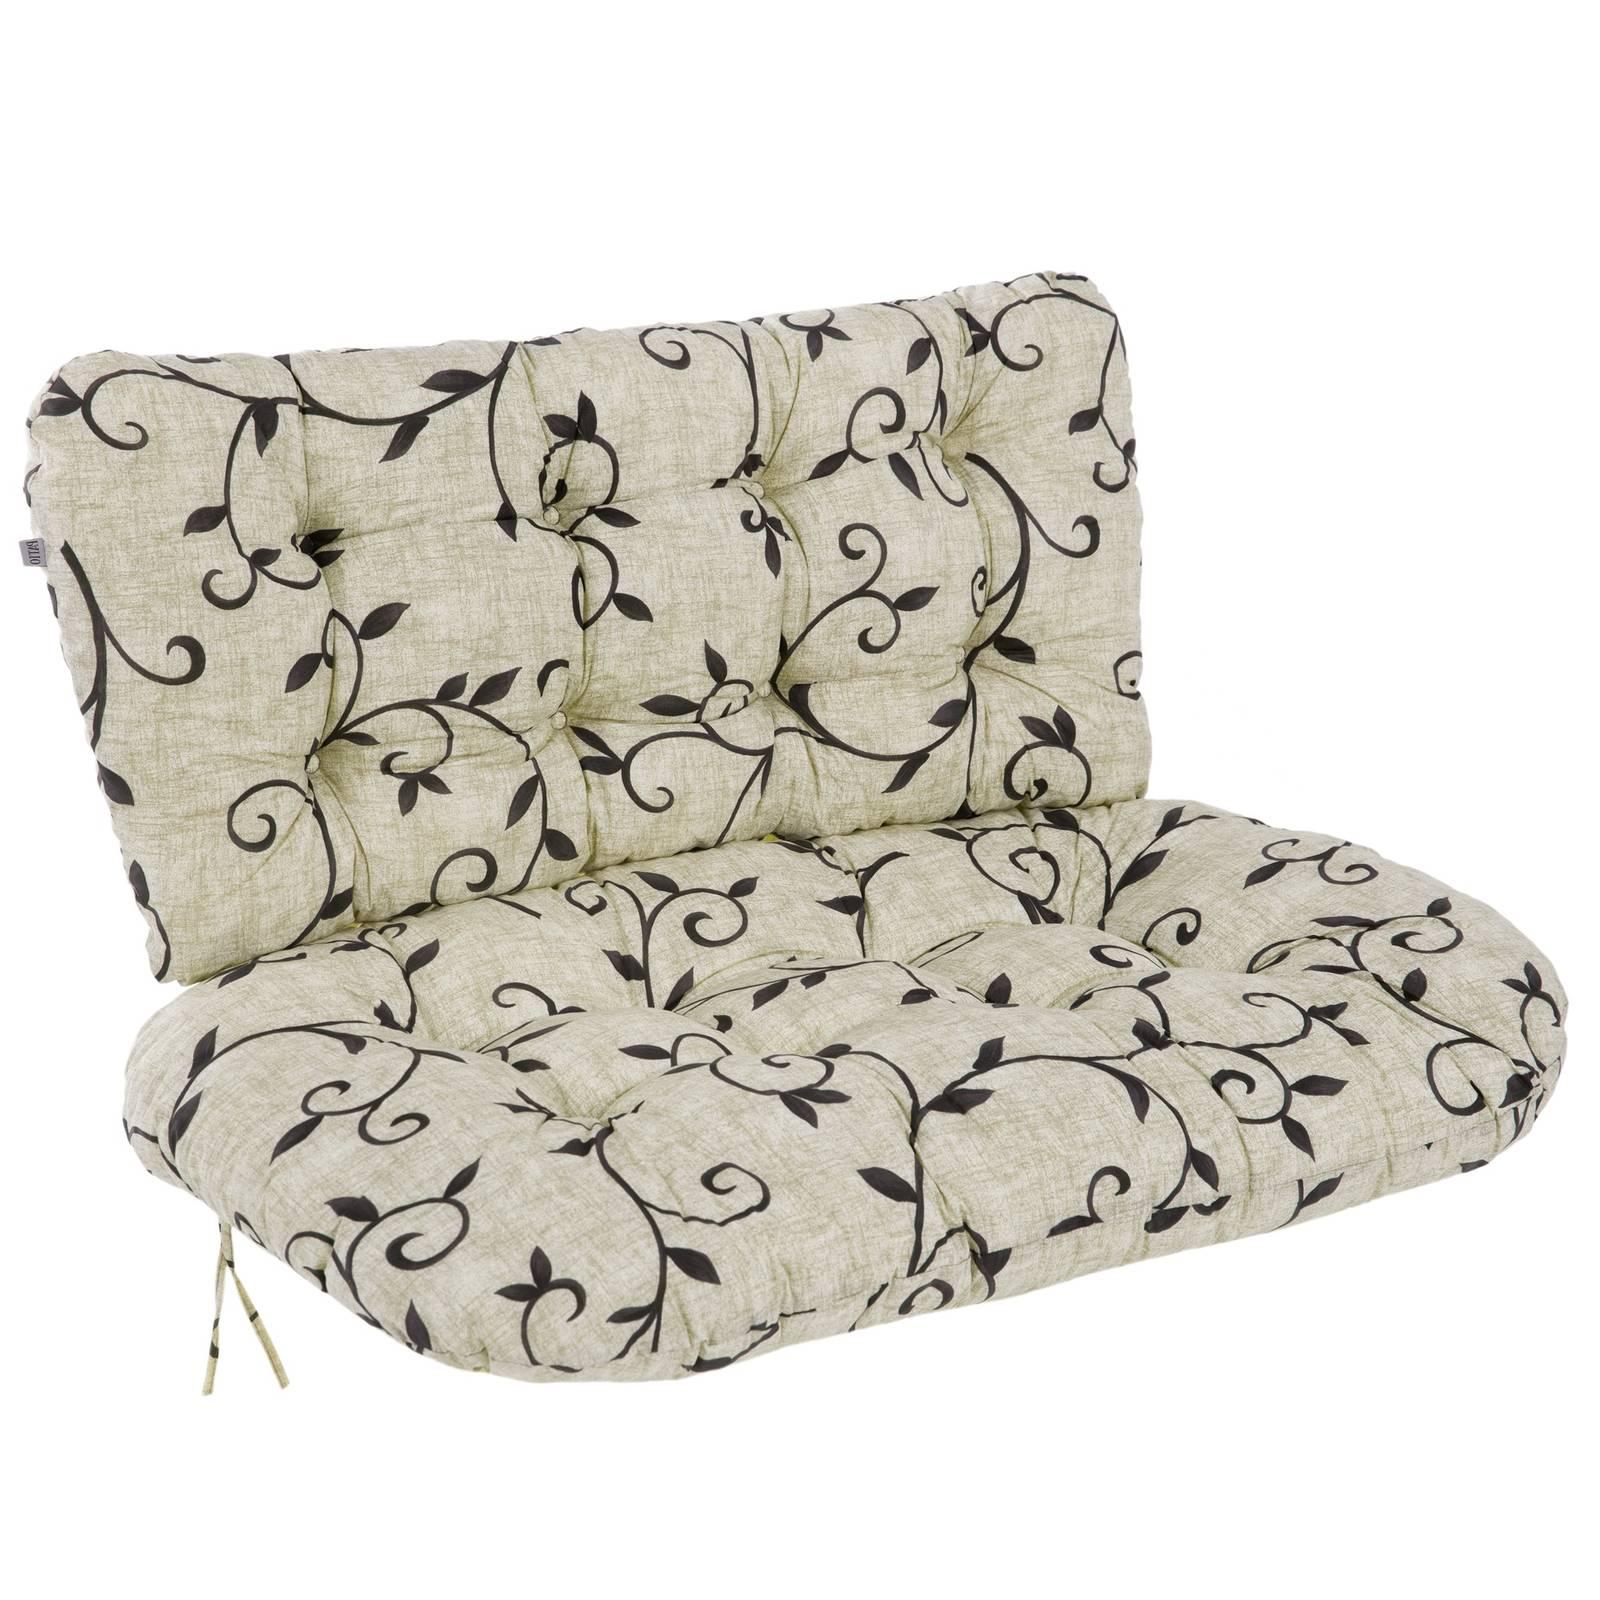 Poduszki na sofę 95 cm Marocco G001-06PB PATIO